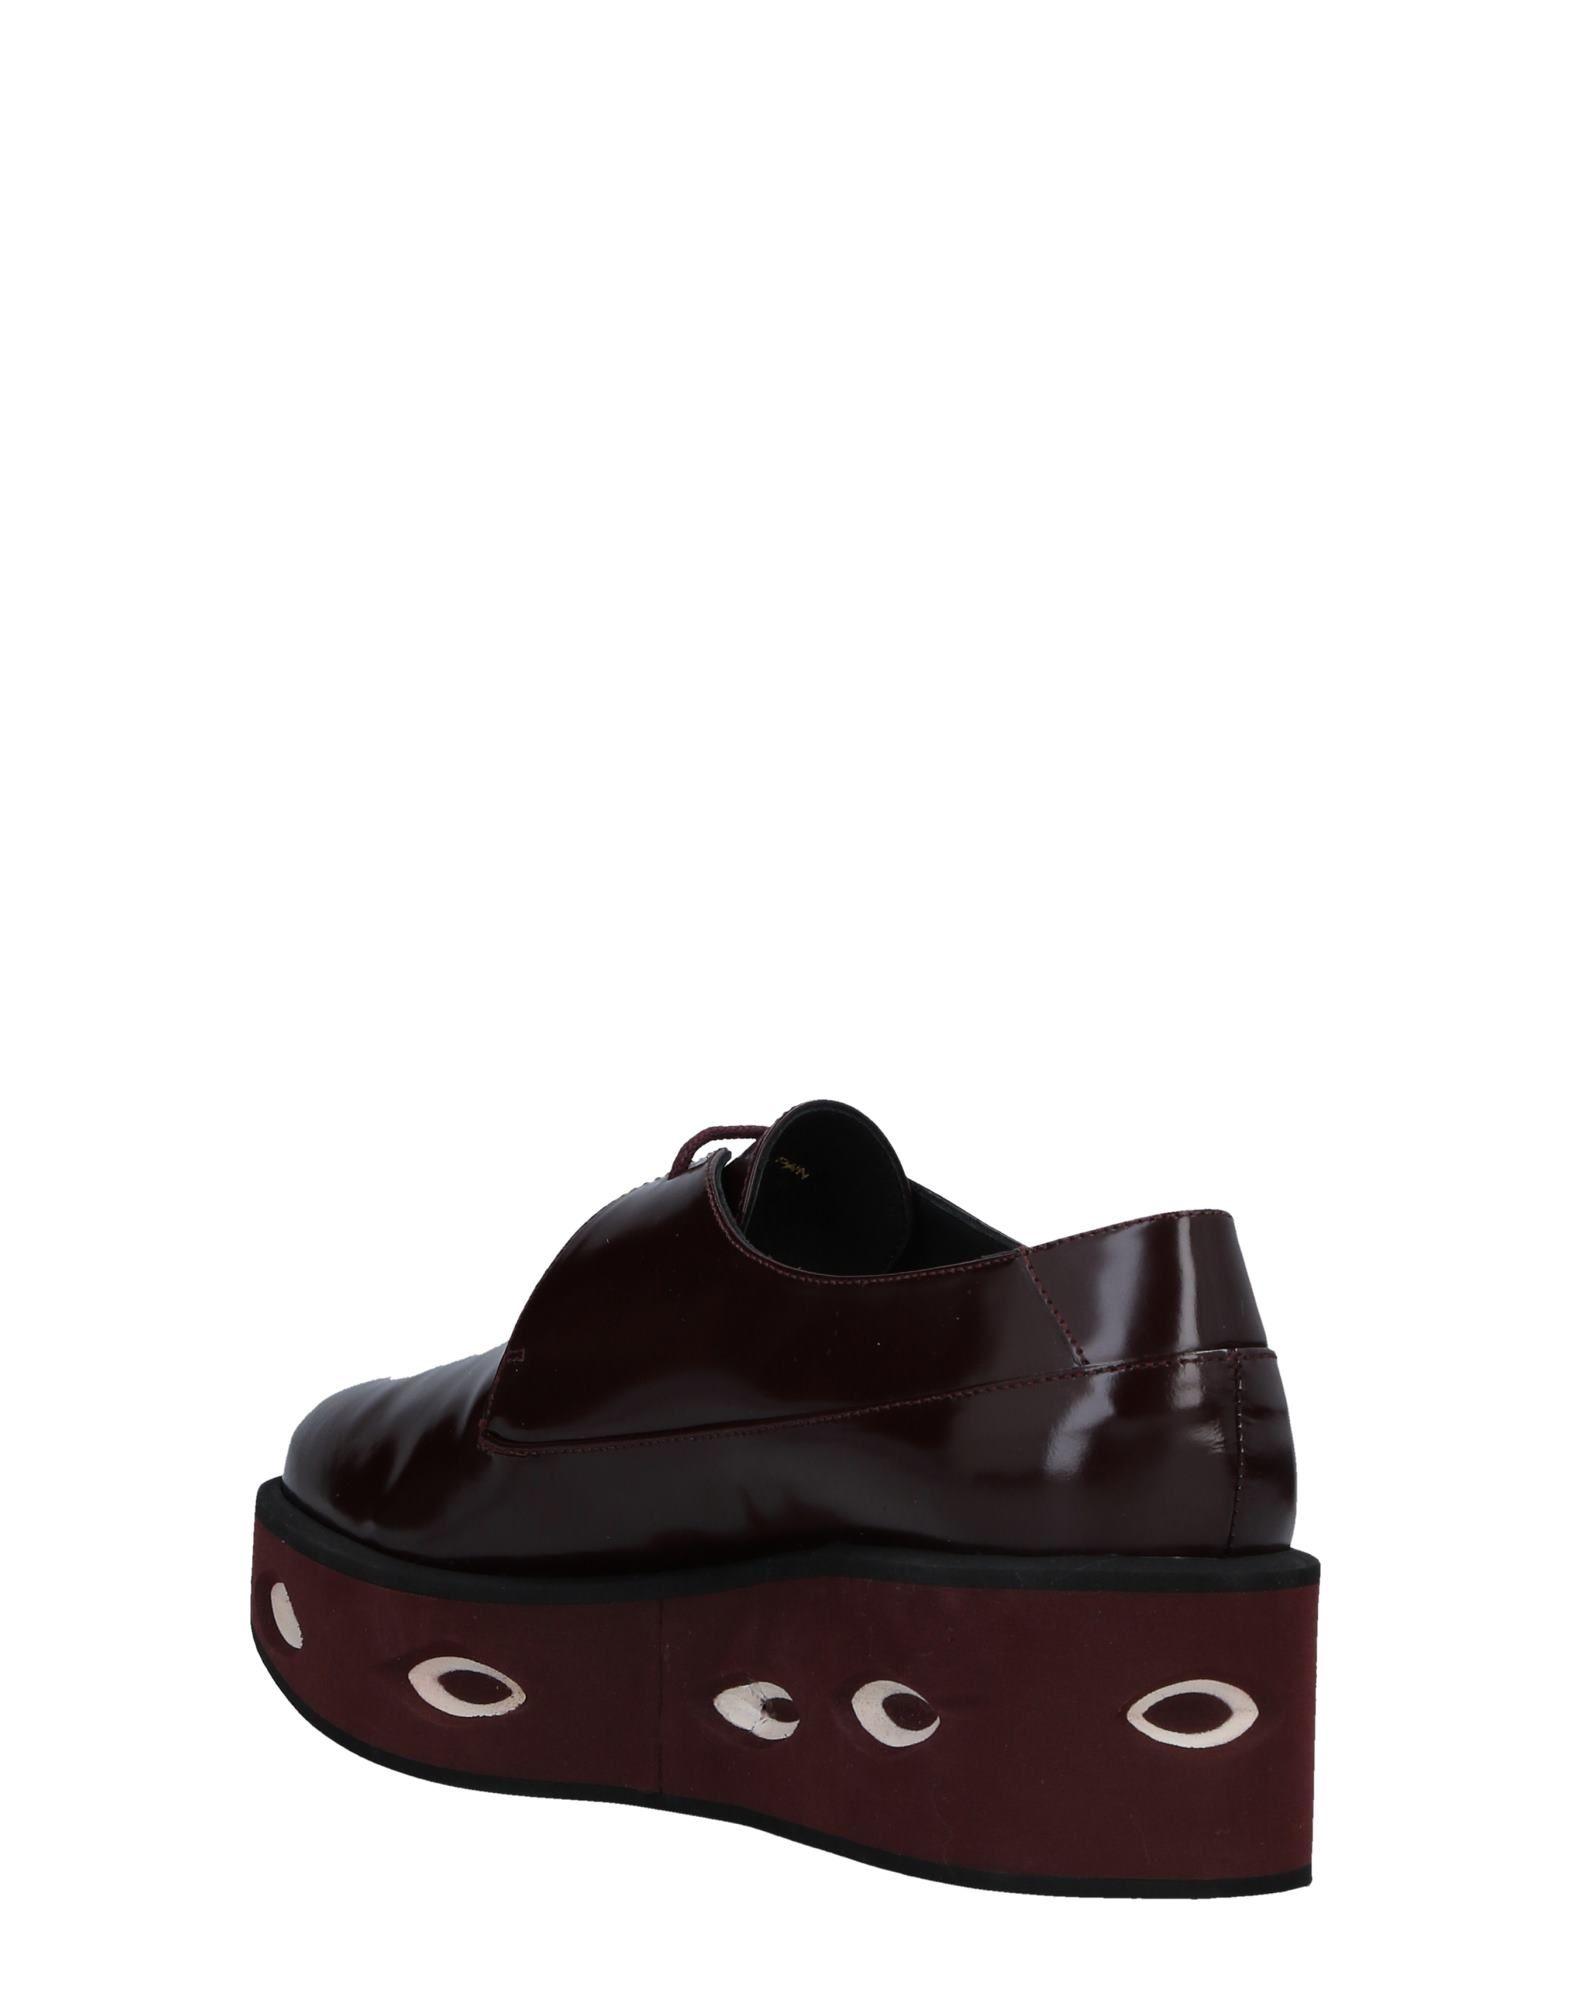 Gut um billige Schuhe Damen zu tragenPaloma Barceló Schnürschuhe Damen Schuhe  11512939WW 4a8536